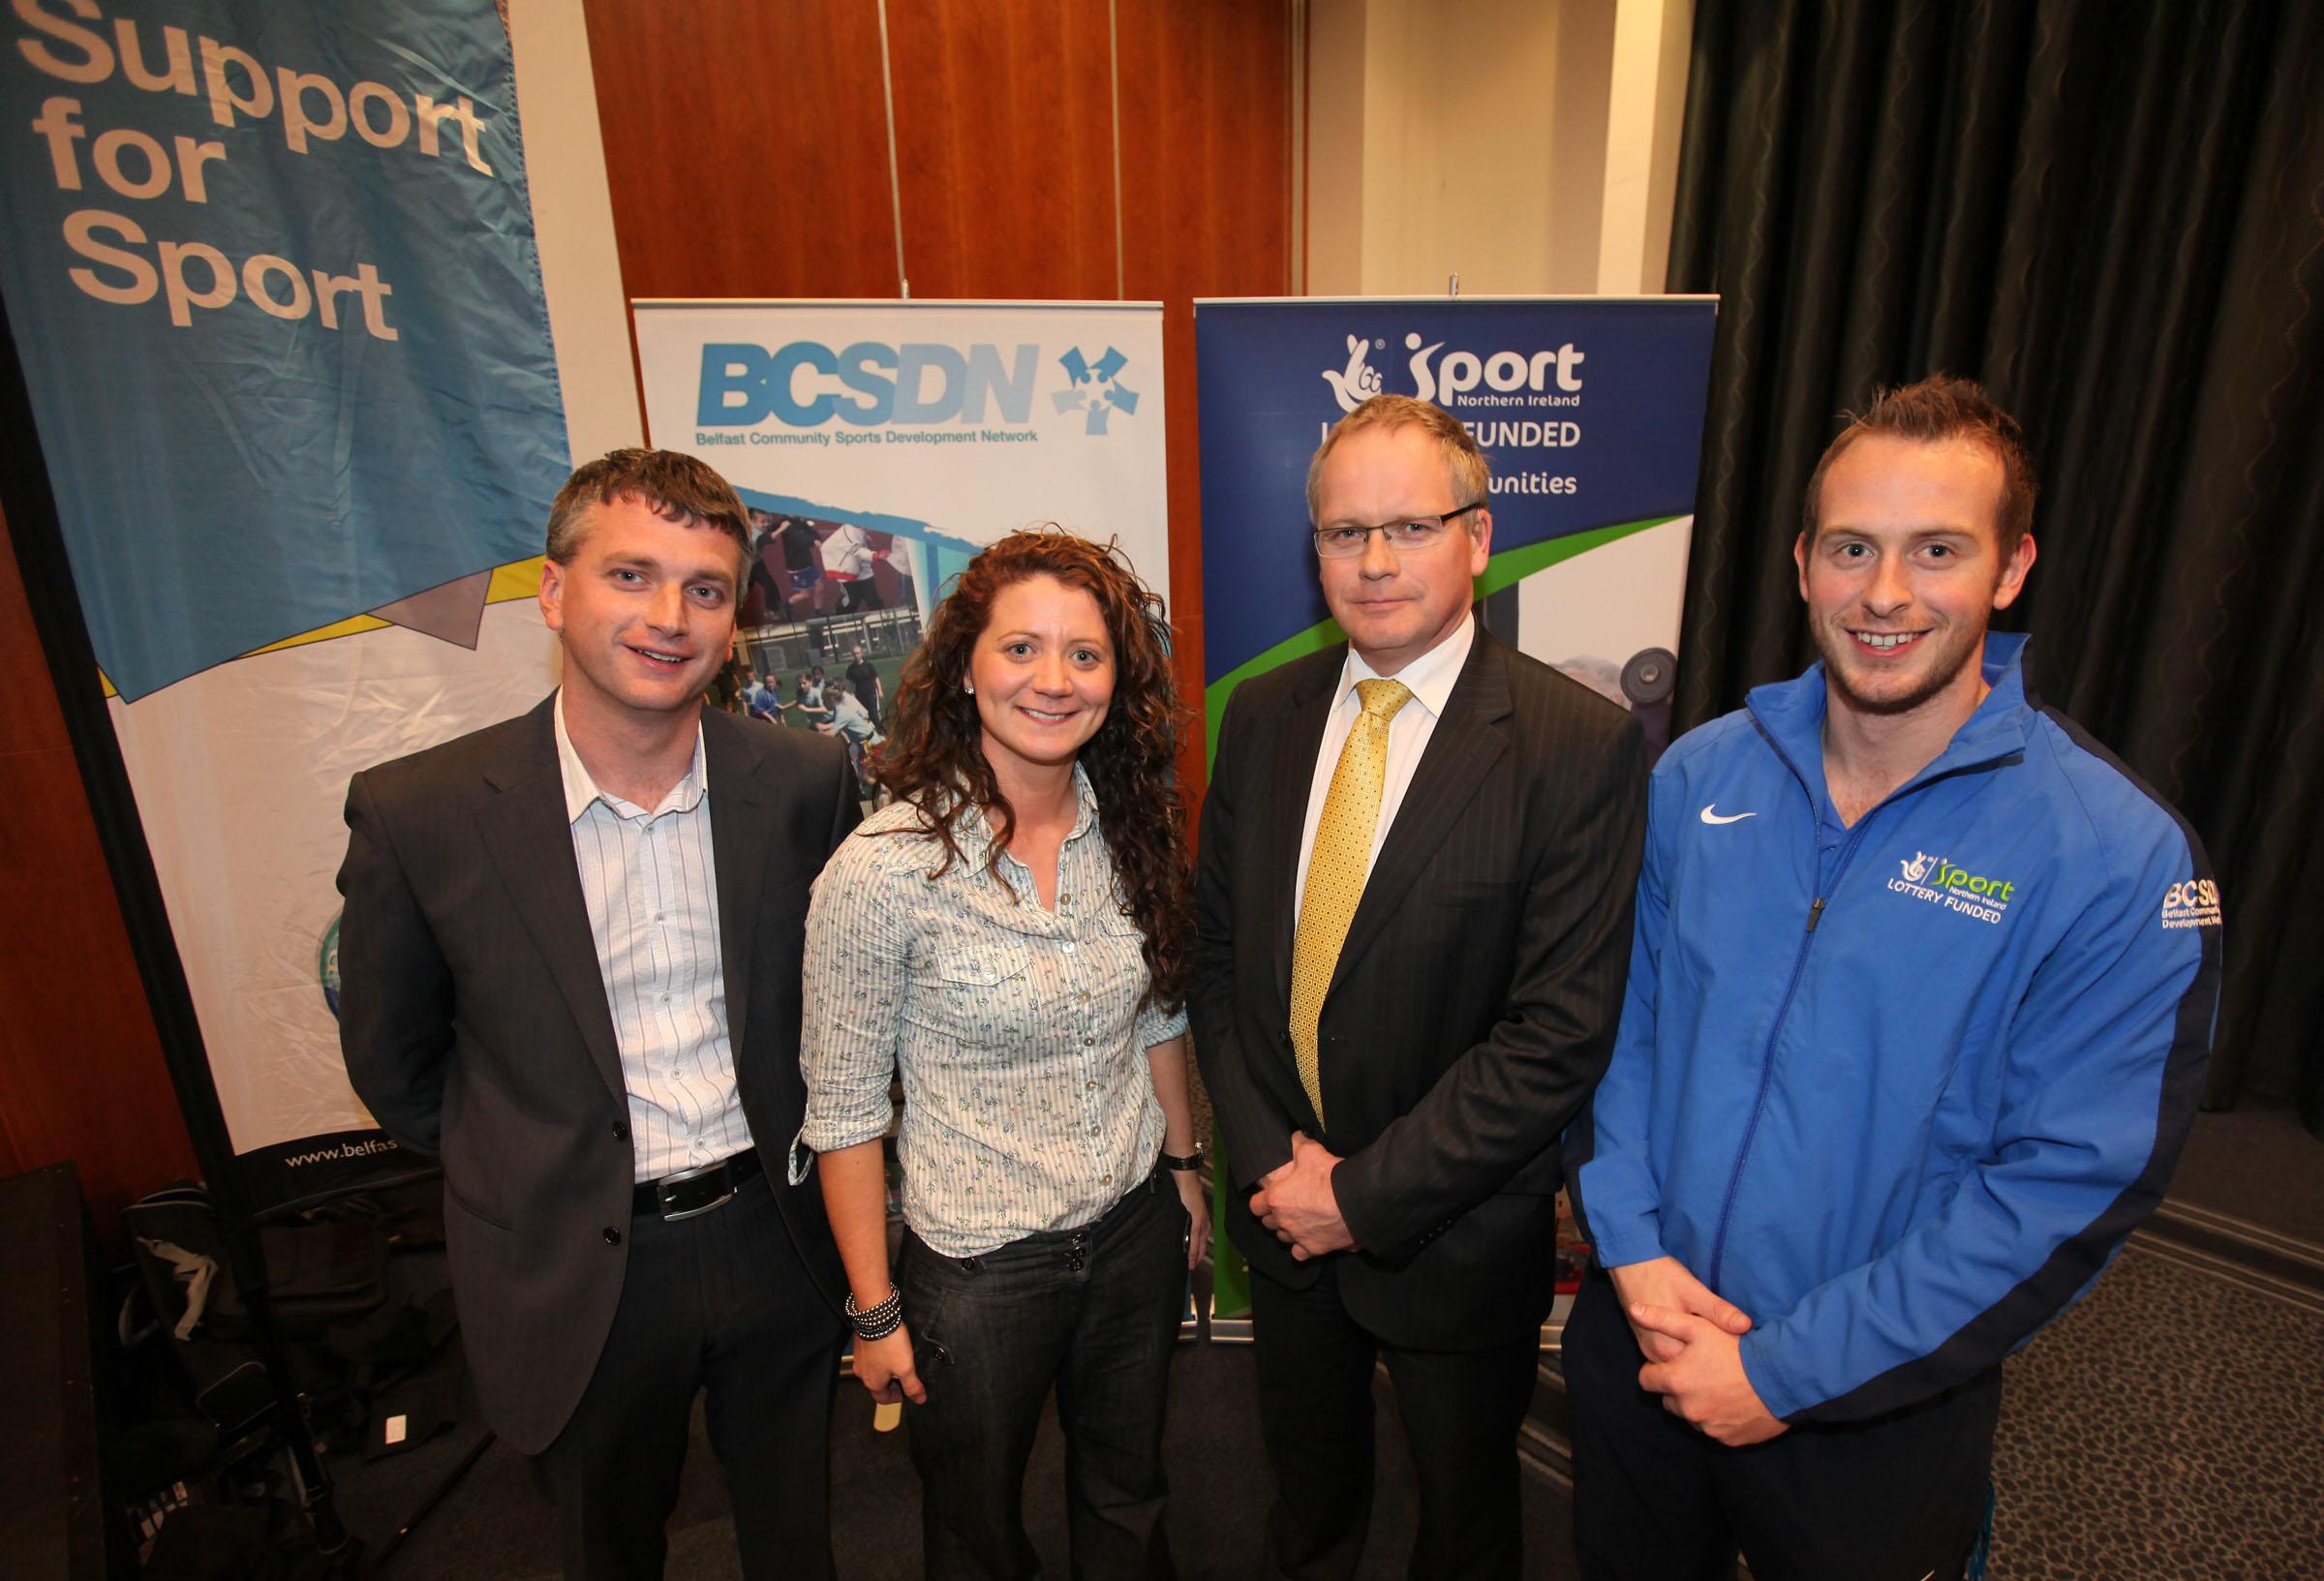 Sports volunteers get jobs through 'Sheer Skill'